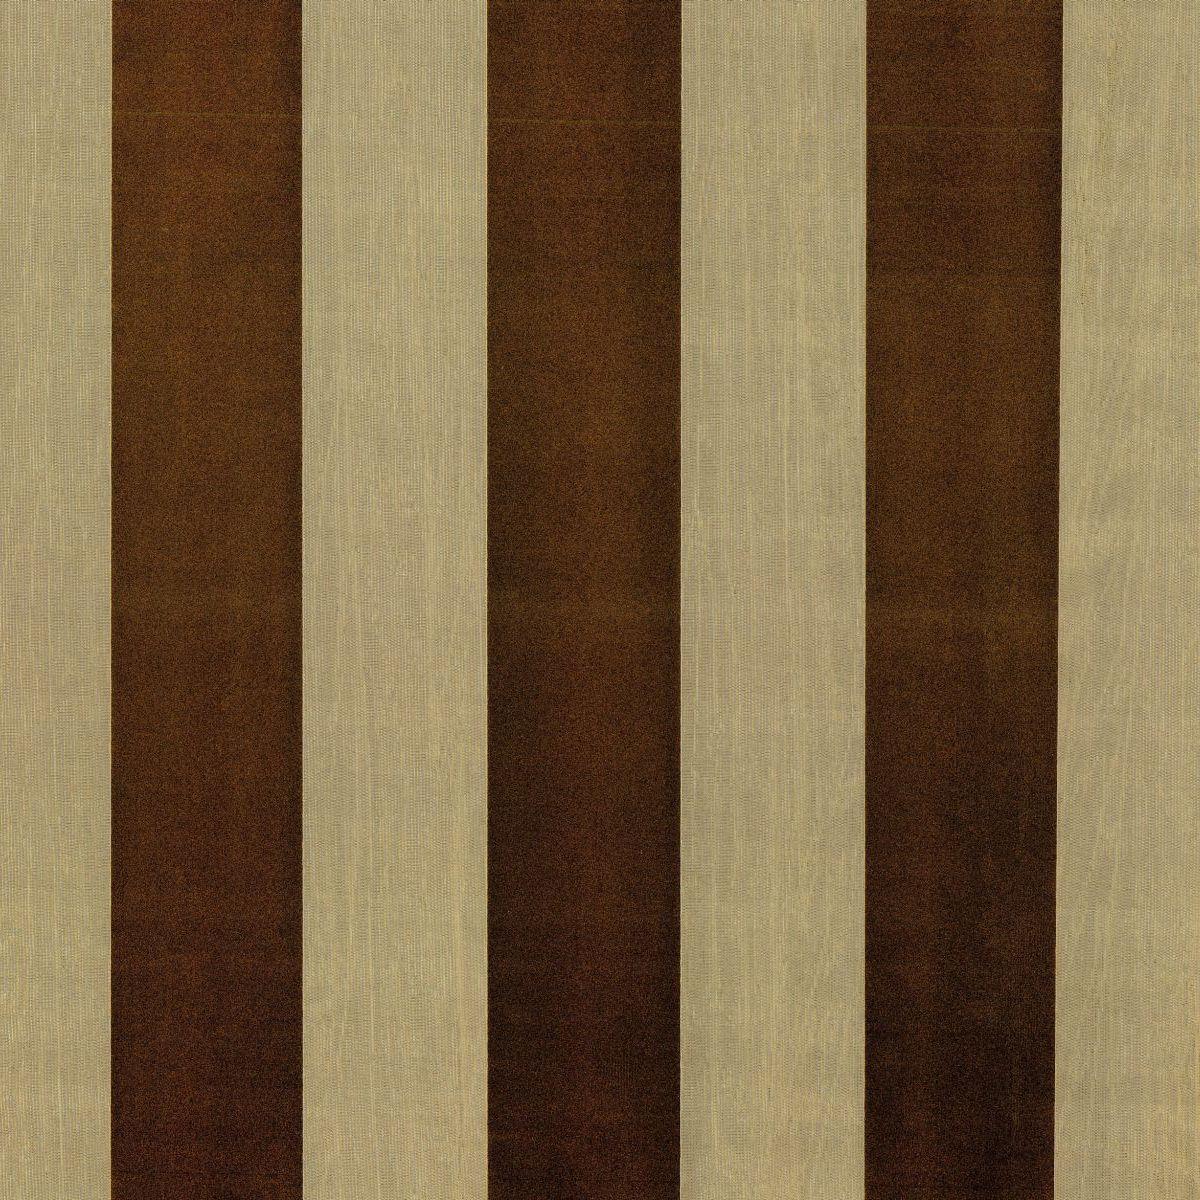 hochwertige tapeten und stoffe tapete mit plisseestoff und velours amazone 2 23562 decowunder. Black Bedroom Furniture Sets. Home Design Ideas